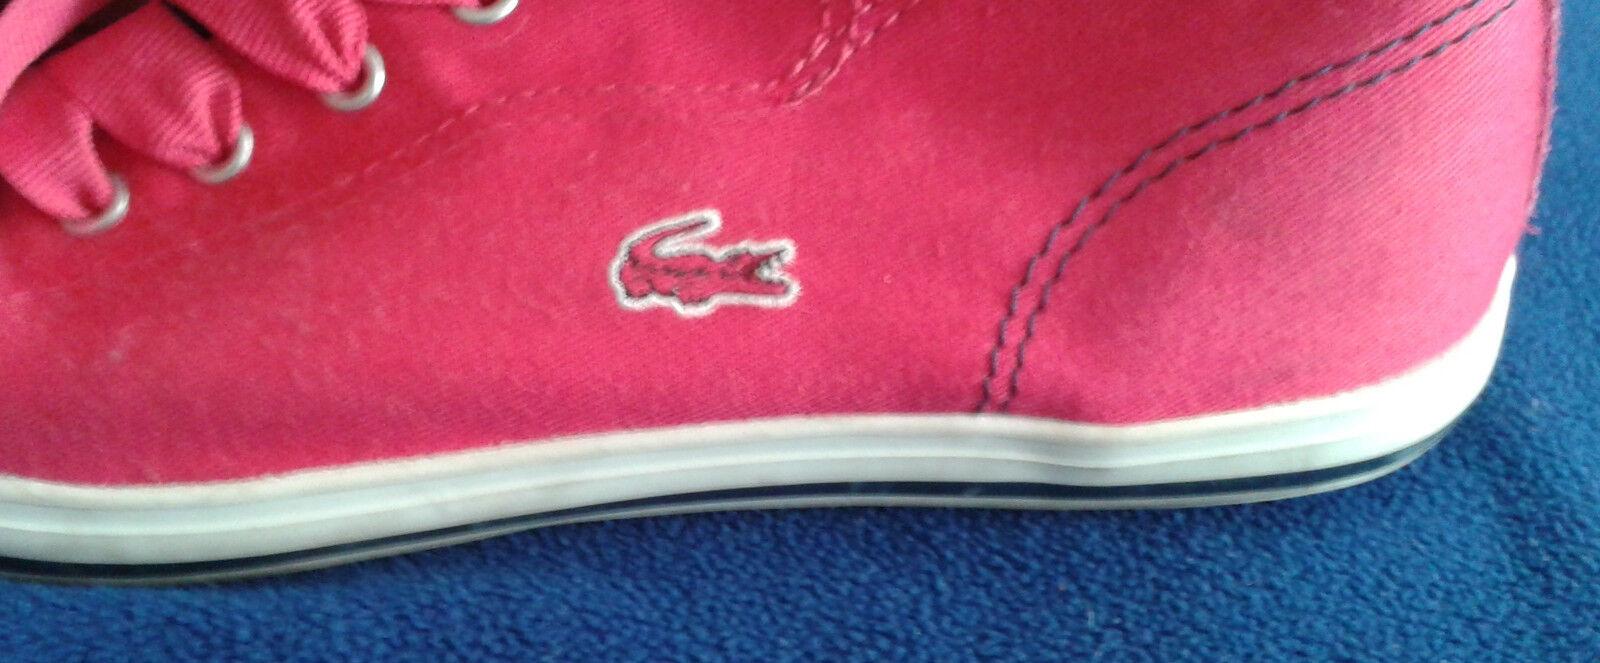 Lacoste UK Sneaker pink EUR 37 UK Lacoste 4 US 6 cc7560